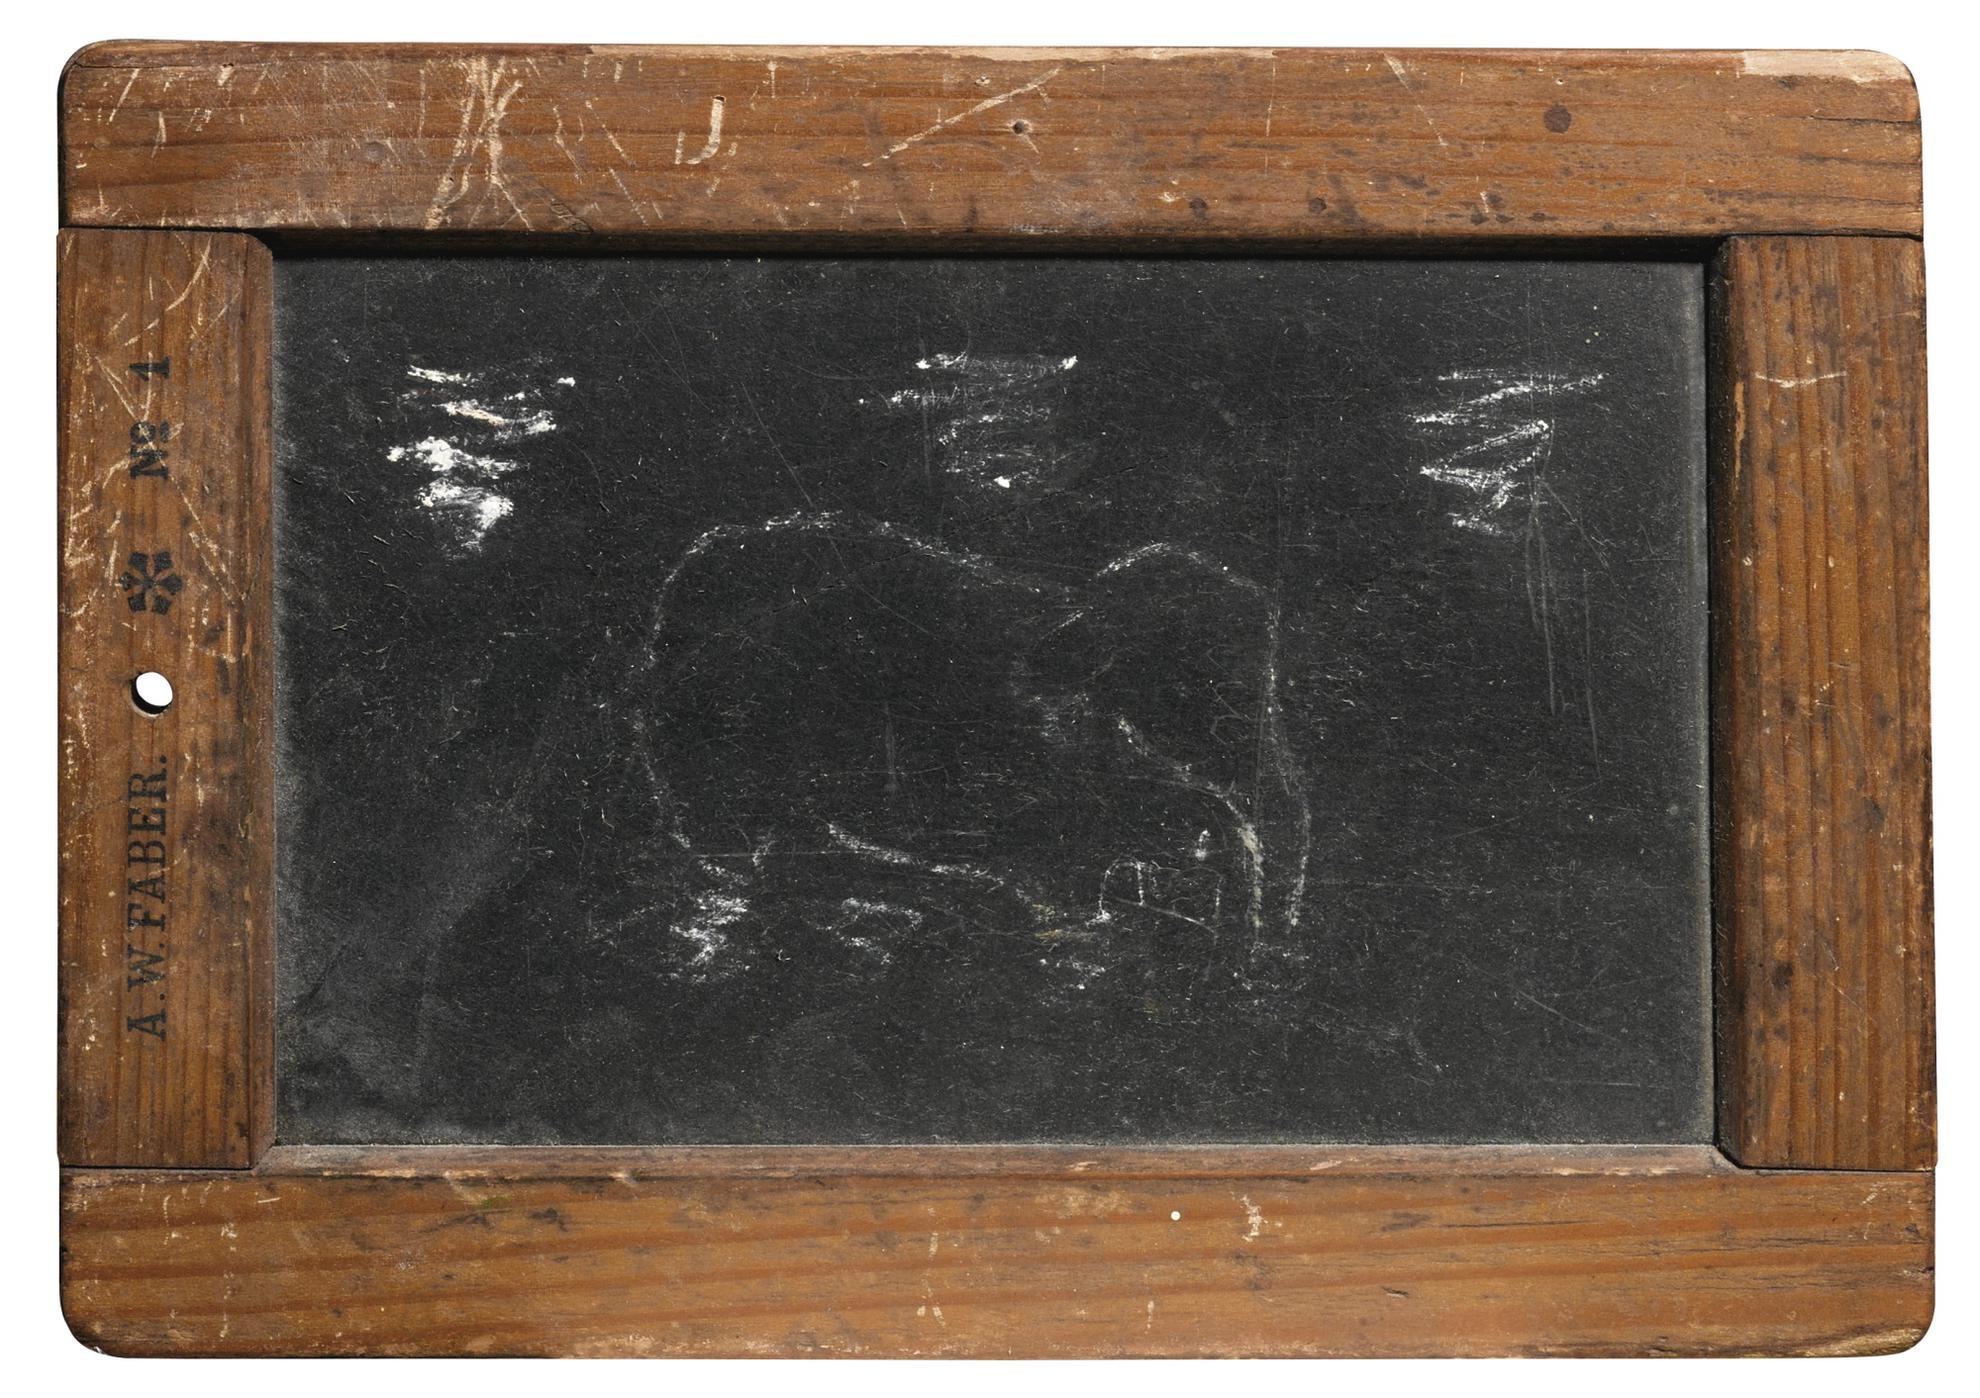 Francis Alys-Elephant-1992